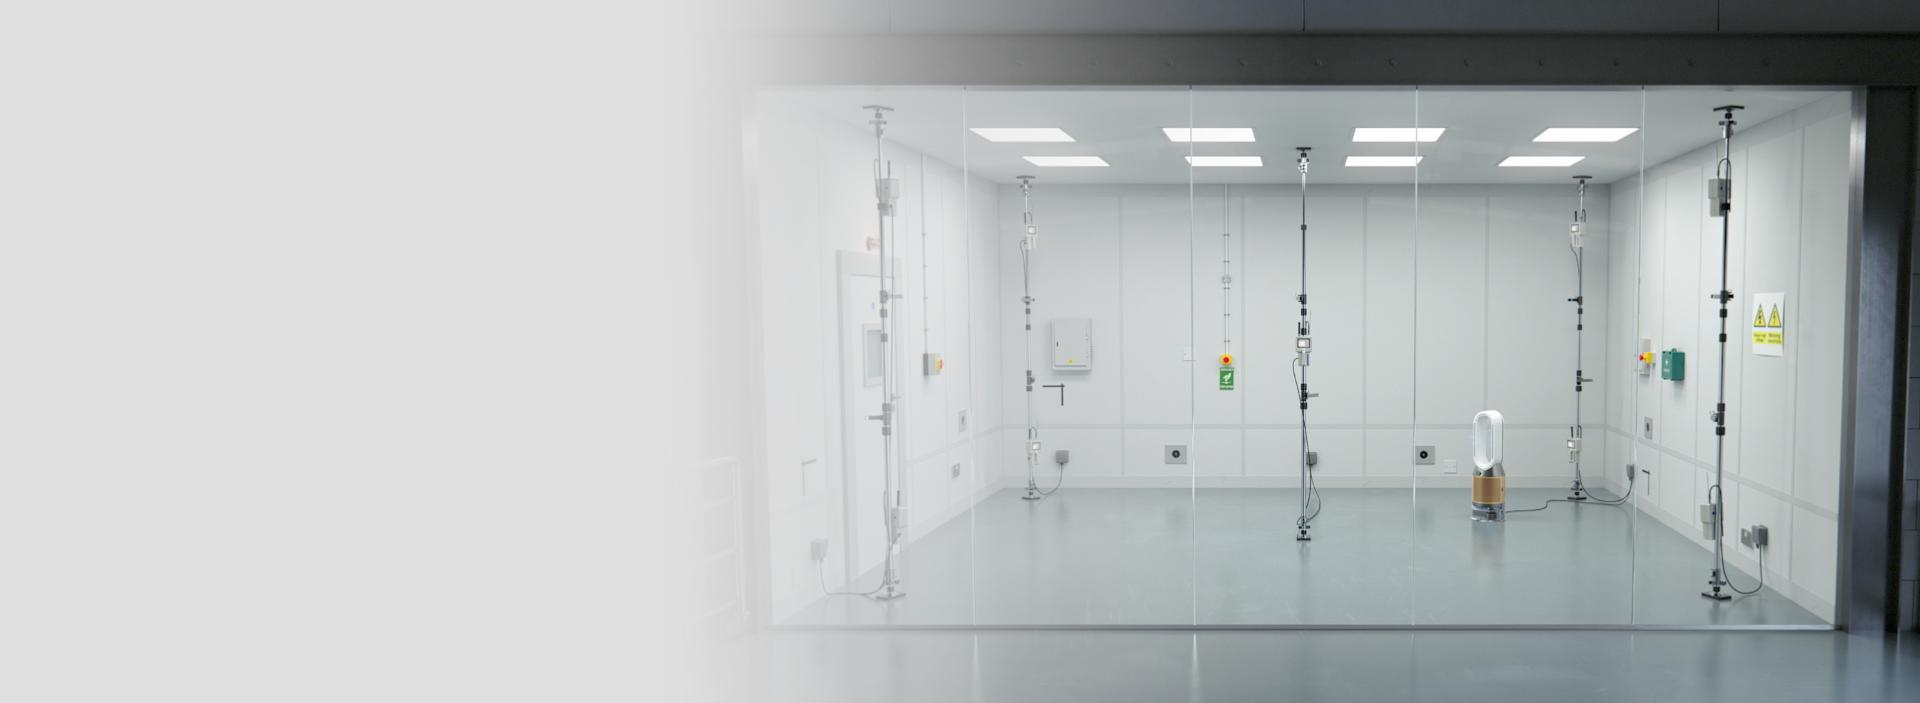 Oczyszczacz z funkcją nawilżania Dyson wewnątrz komory z dziewięcioma czujnikami